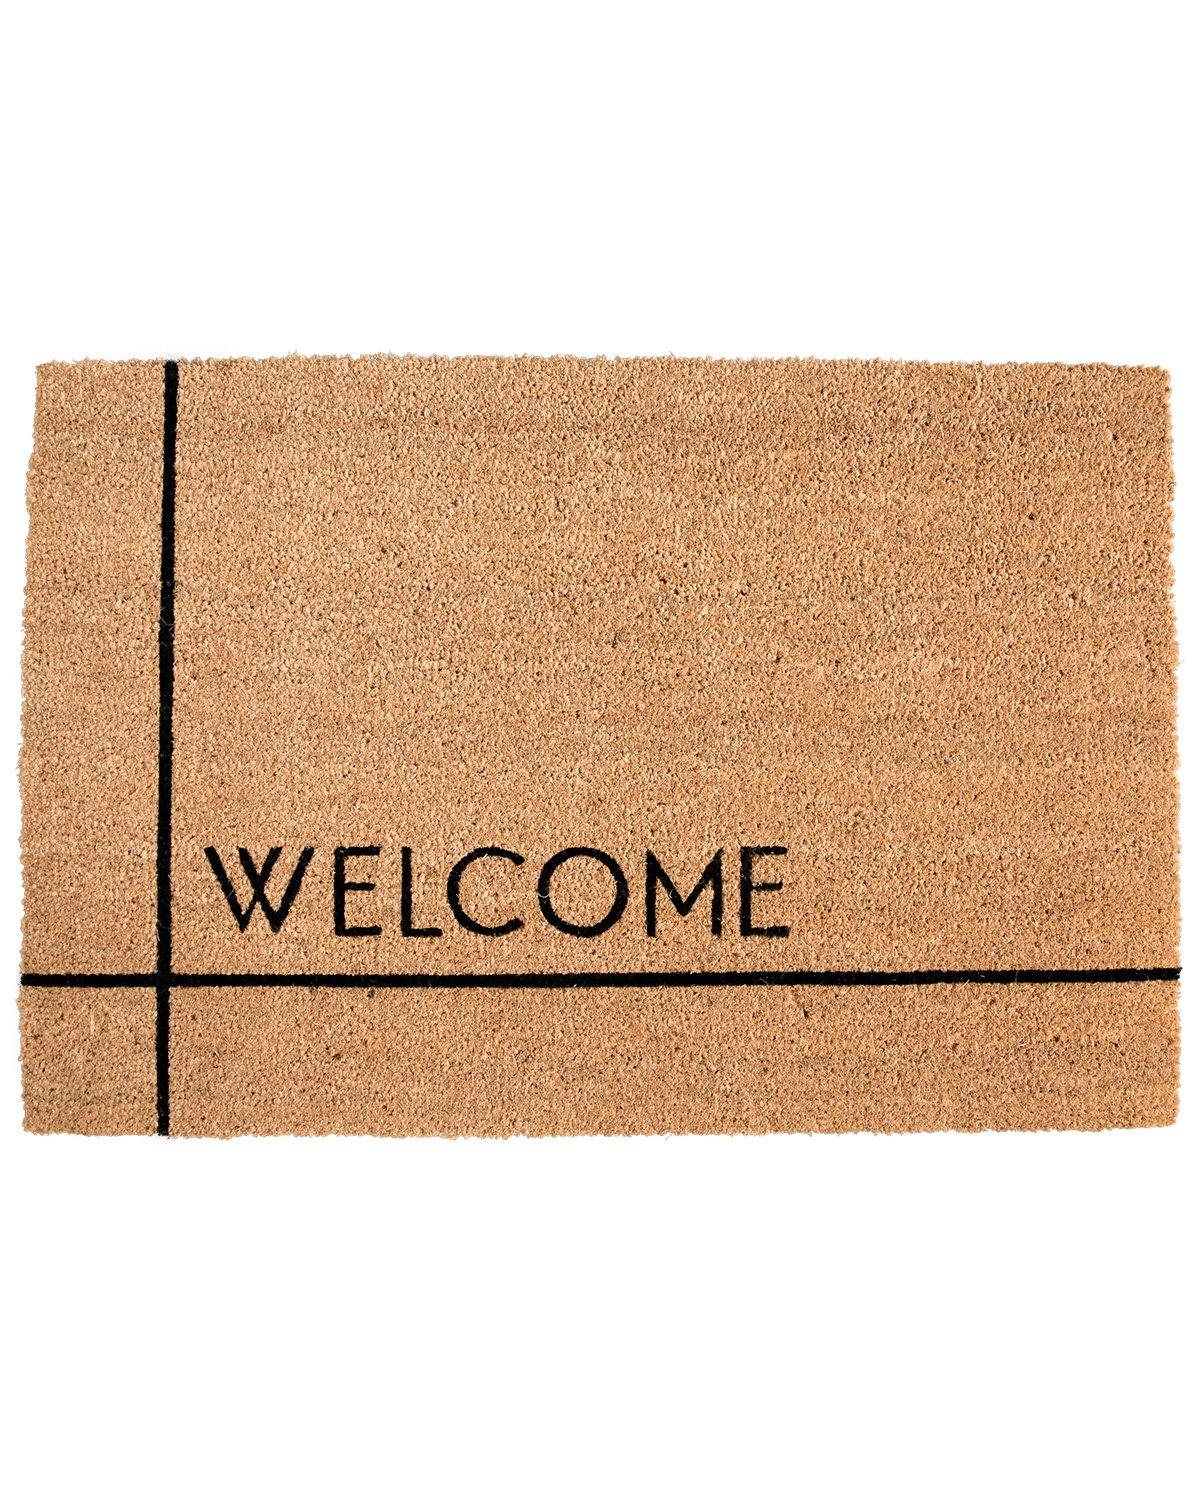 Welcome_Doormat_1.jpg